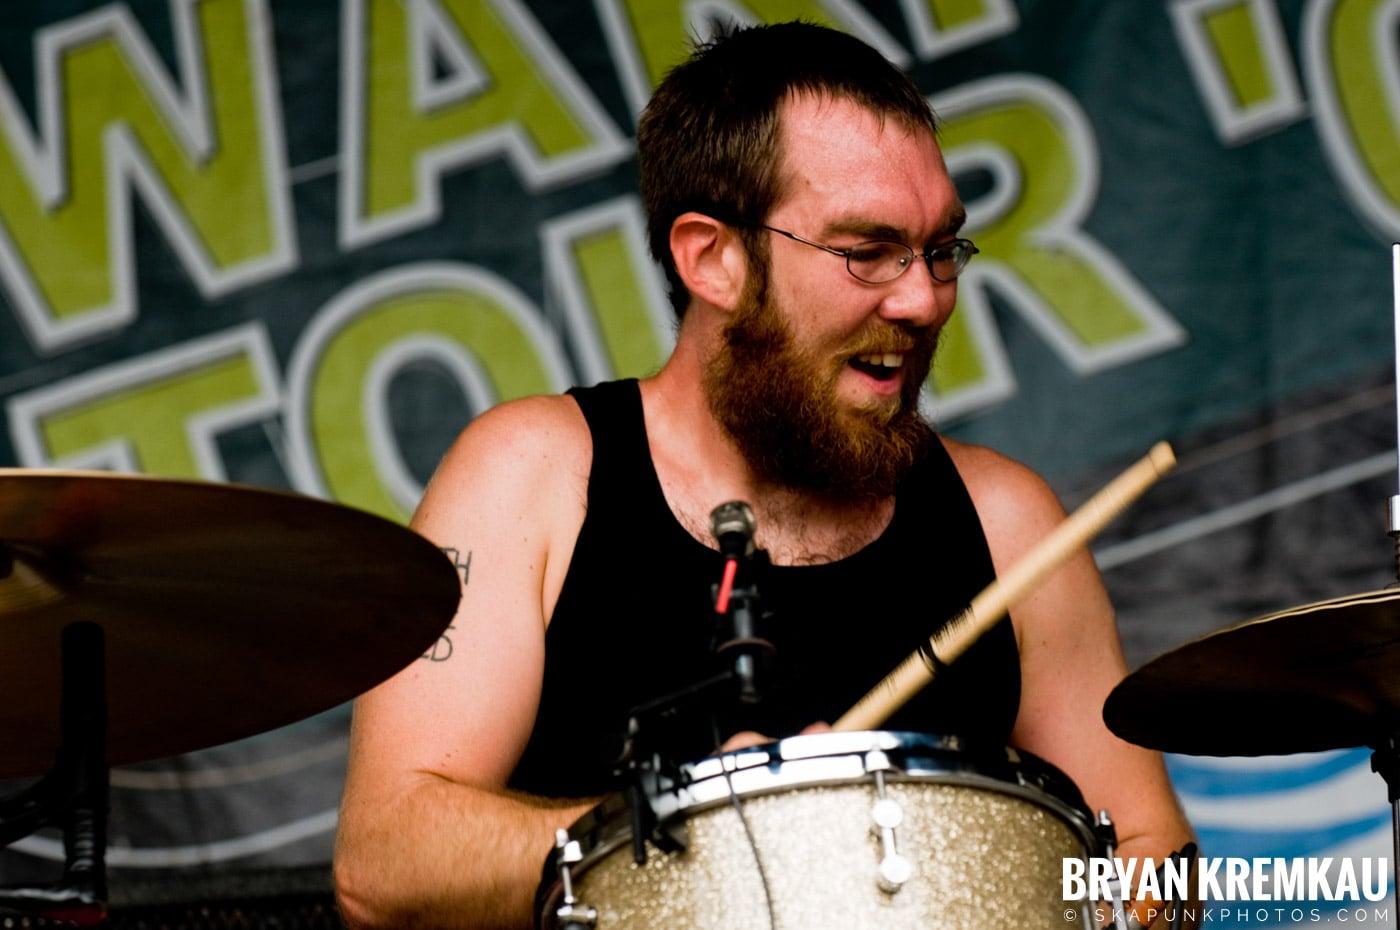 Against Me @ Warped Tour 08, Scranton PA - 7.27.08 (3)